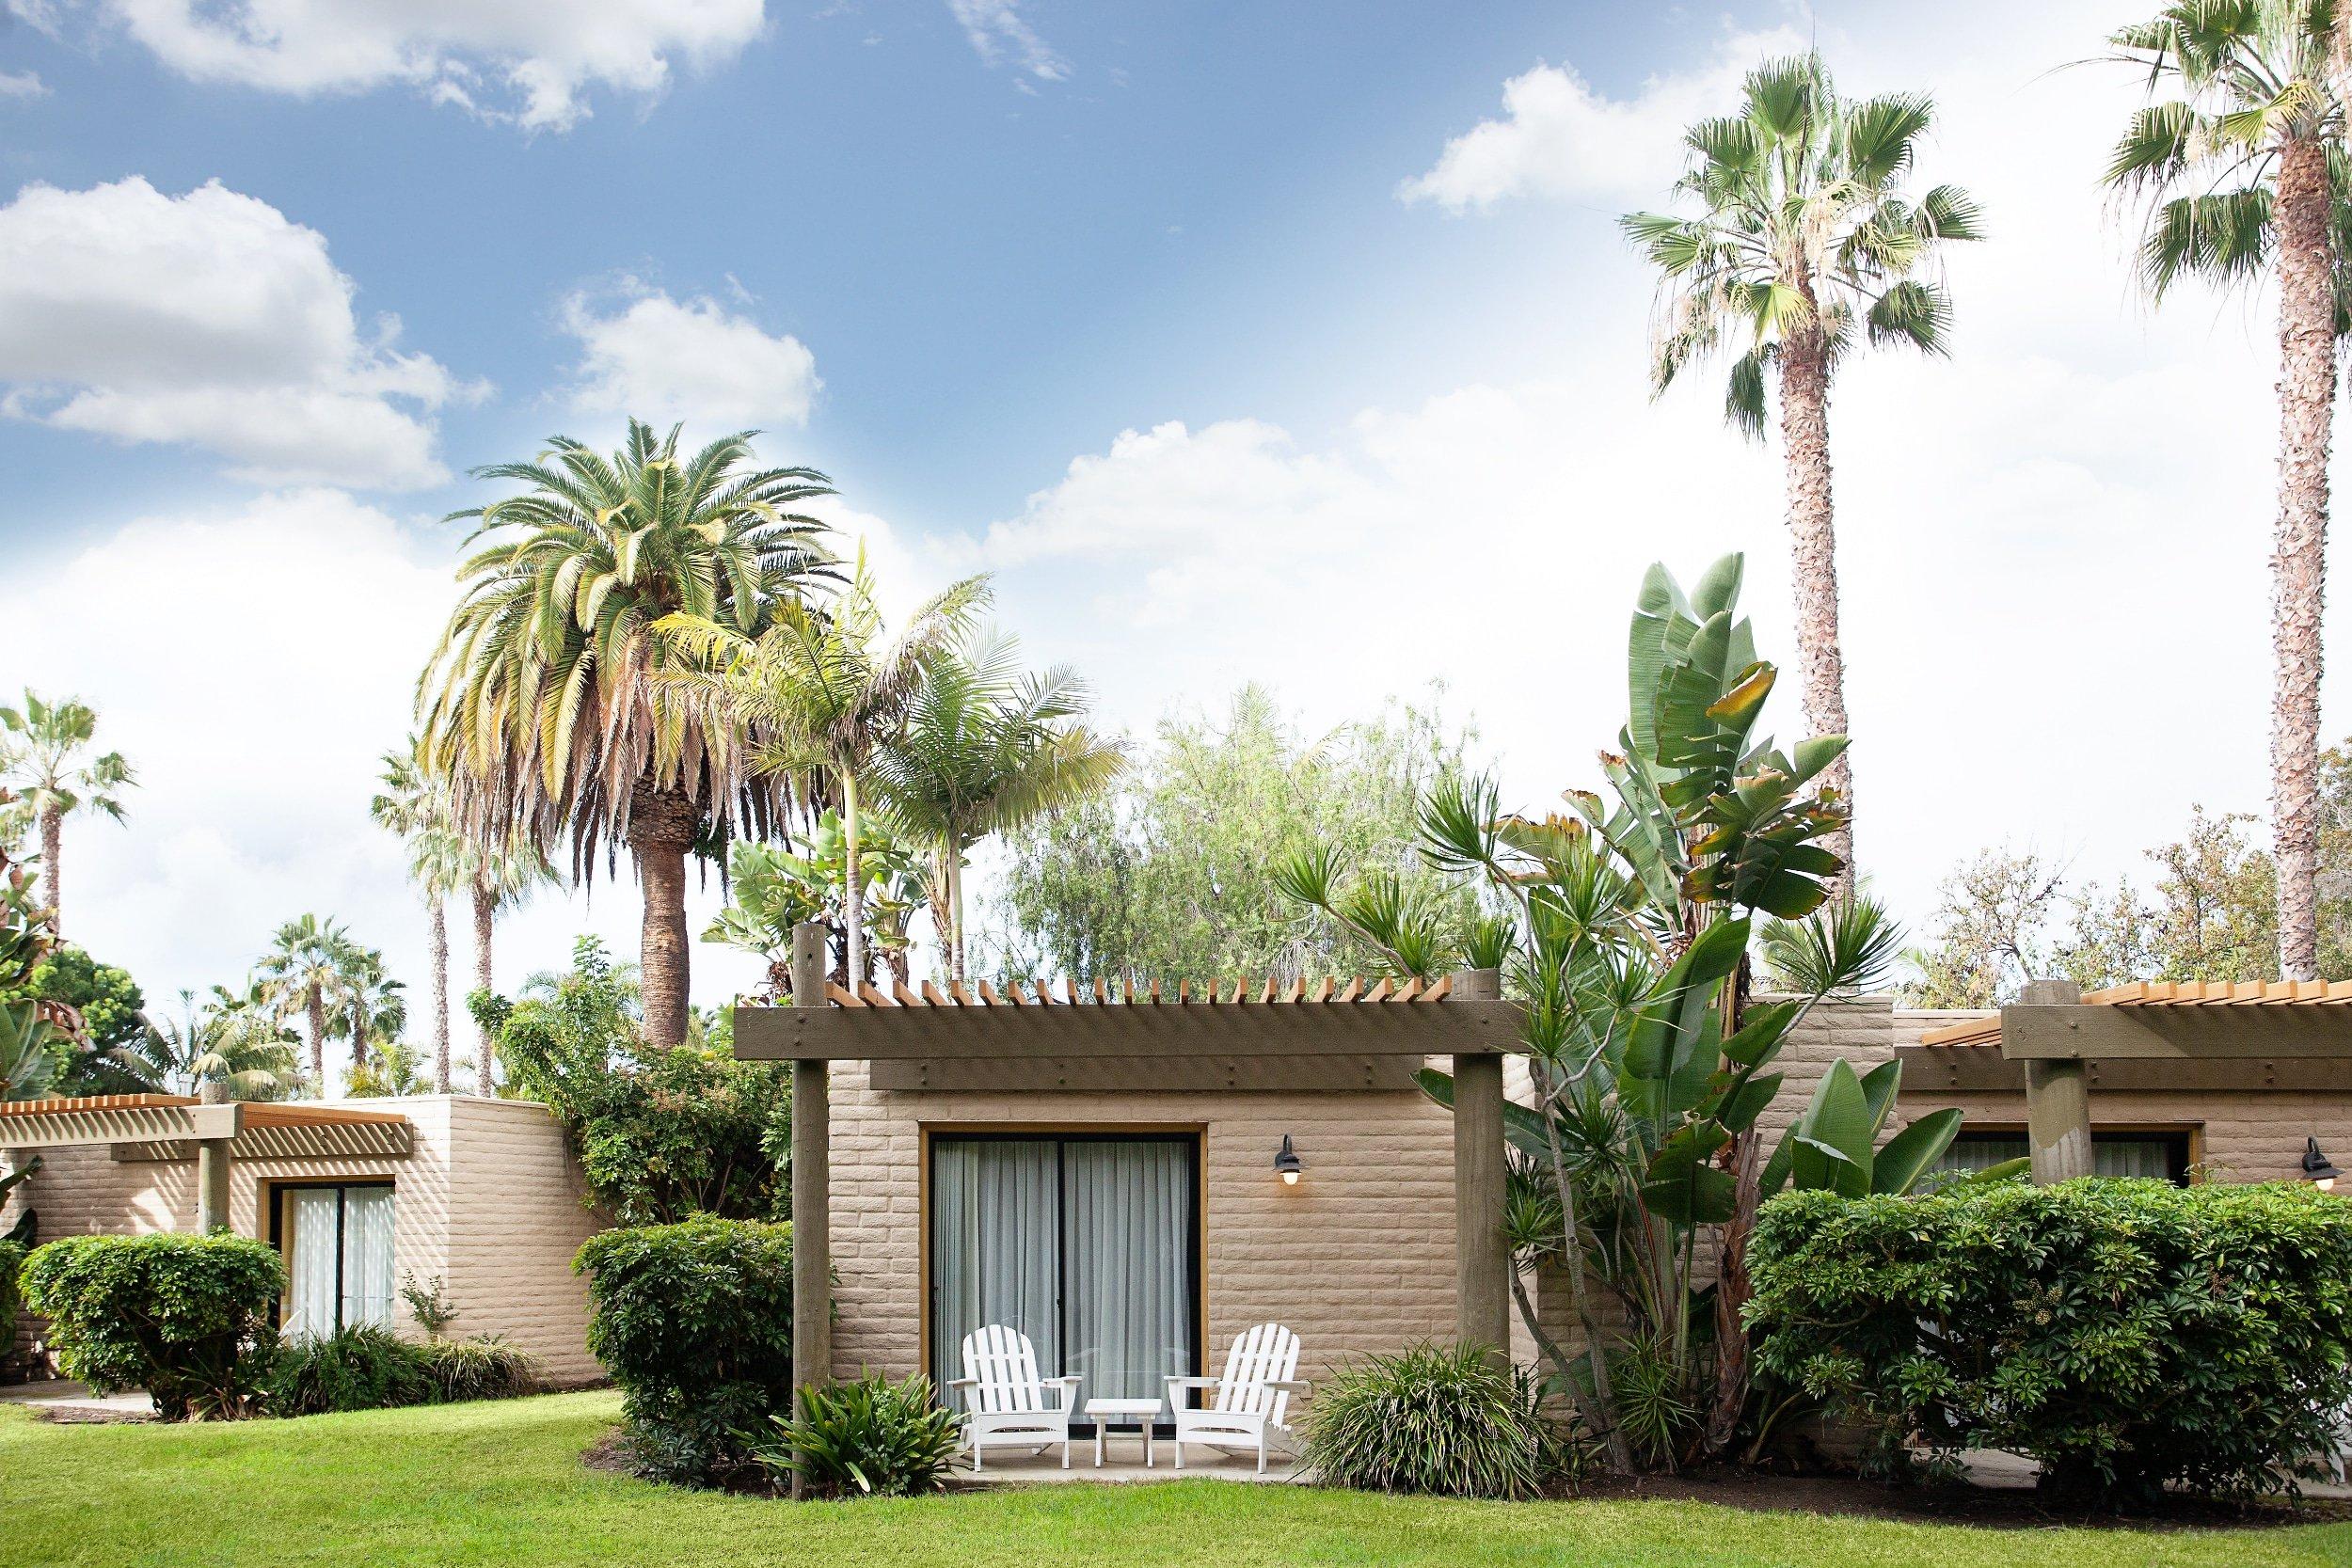 paradise point san diego lanai garden bungalow